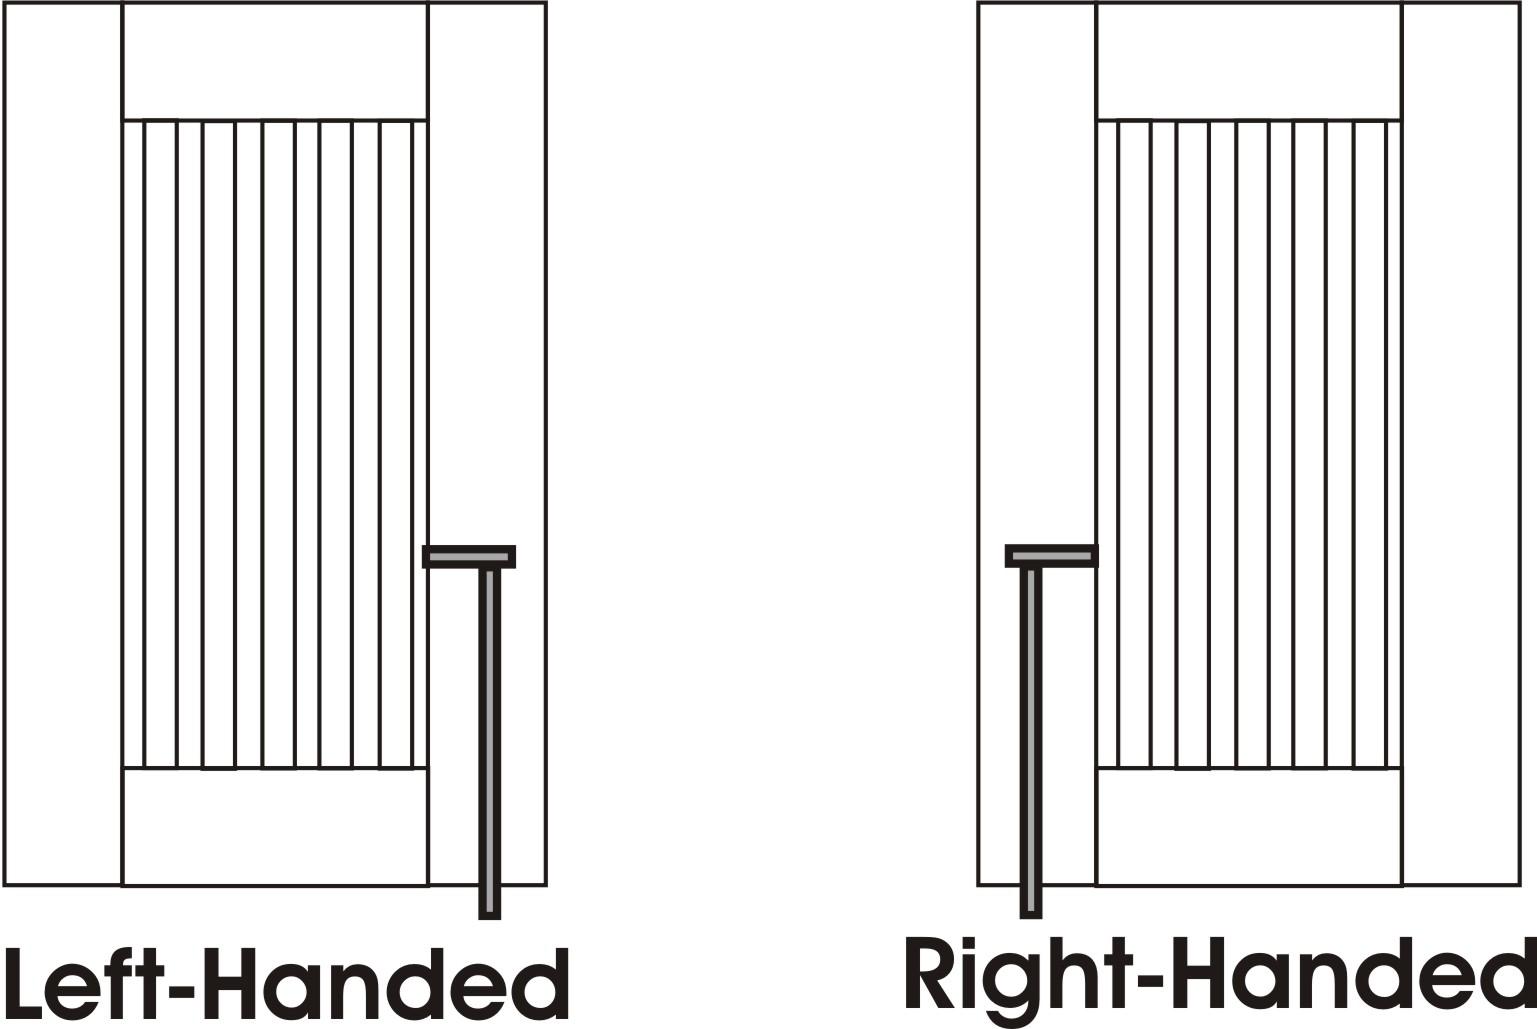 handing-diagram-cane-bolt.jpg